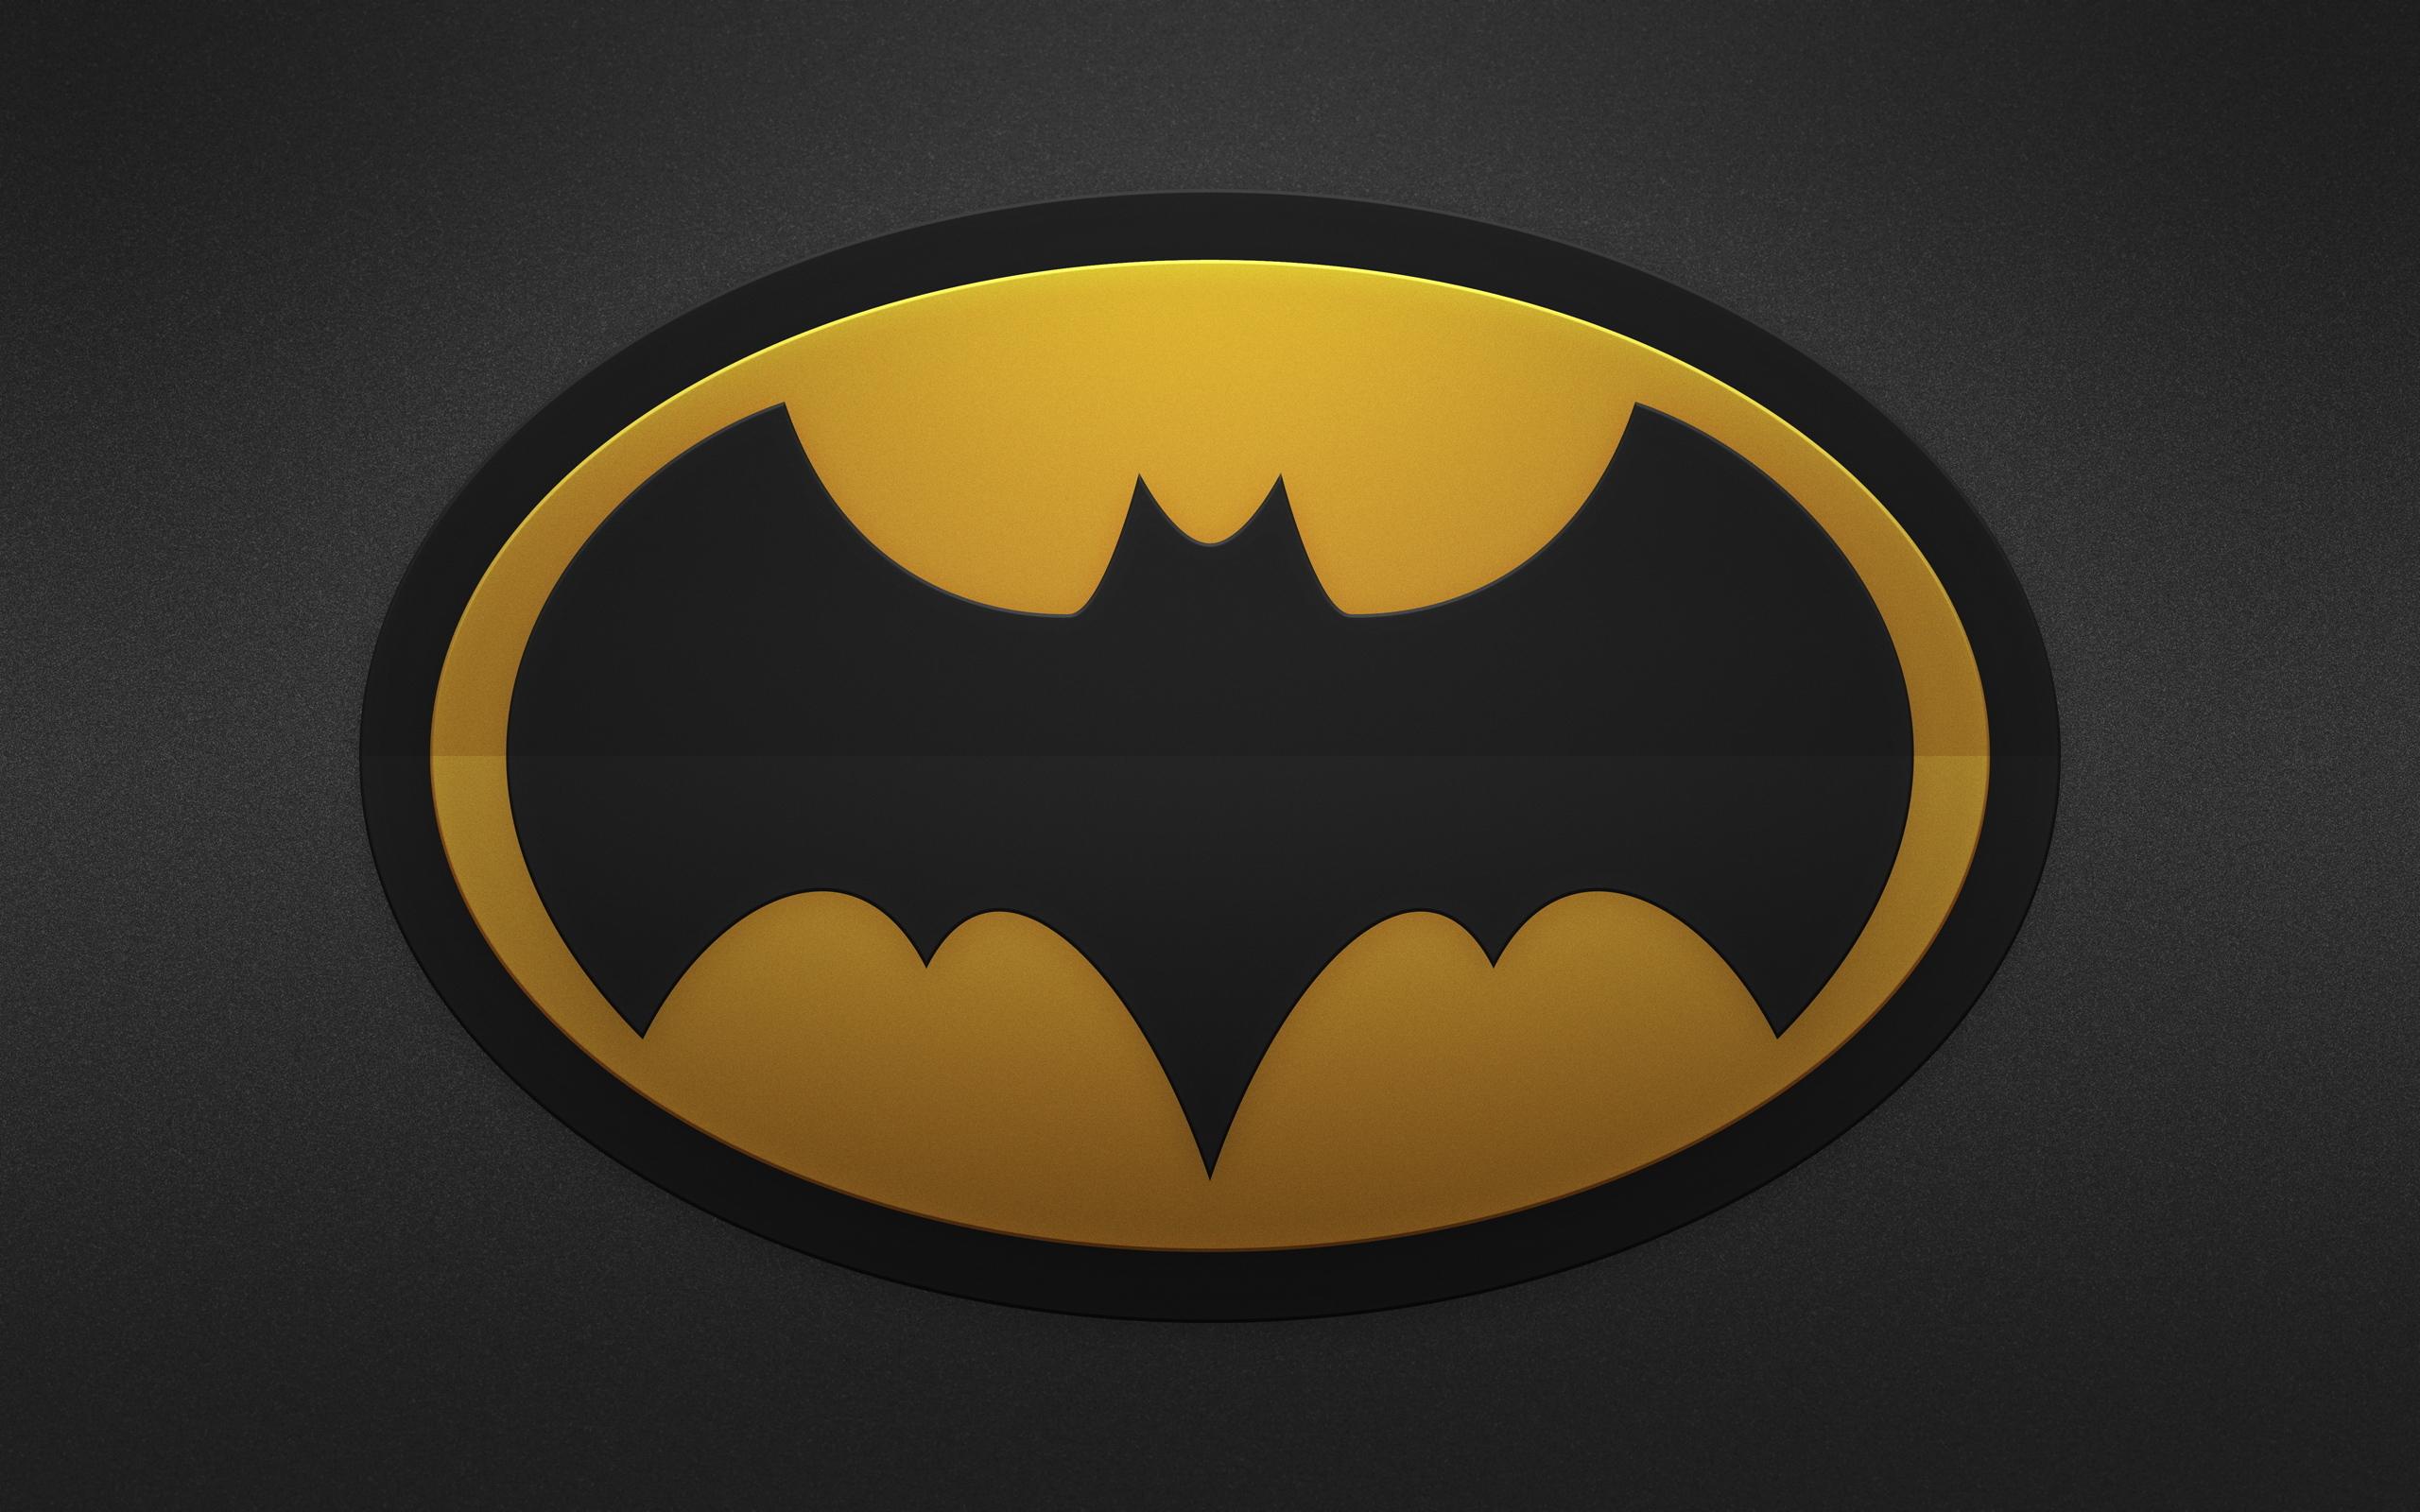 Batman Yellow Black Logo HD Wallpaper 2560x1600